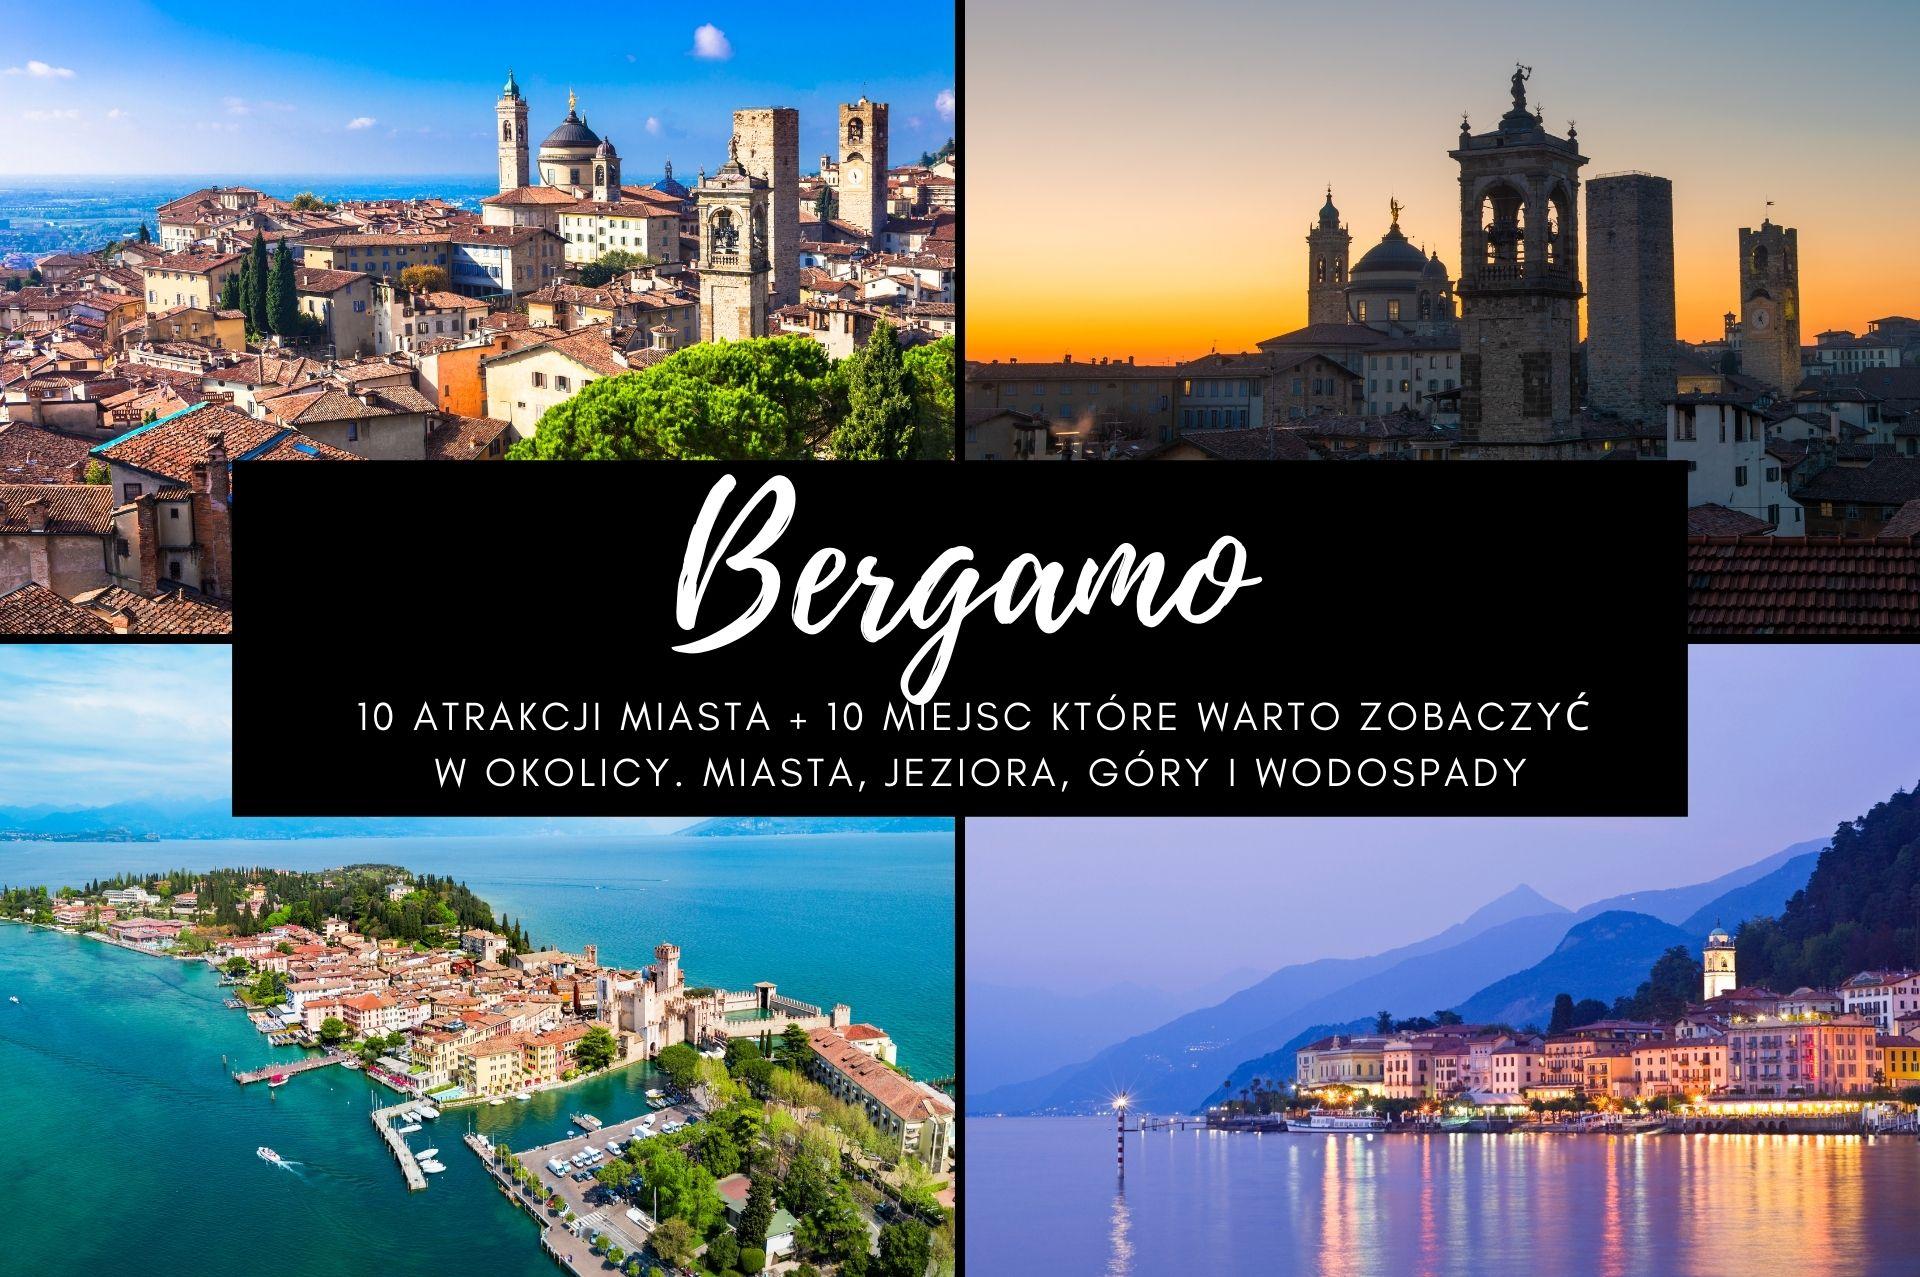 Bergamo: 10 atrakcji miasta + 10 miejsc które warto zobaczyć w okolicy. Miasta, jeziora, góry i wodospady